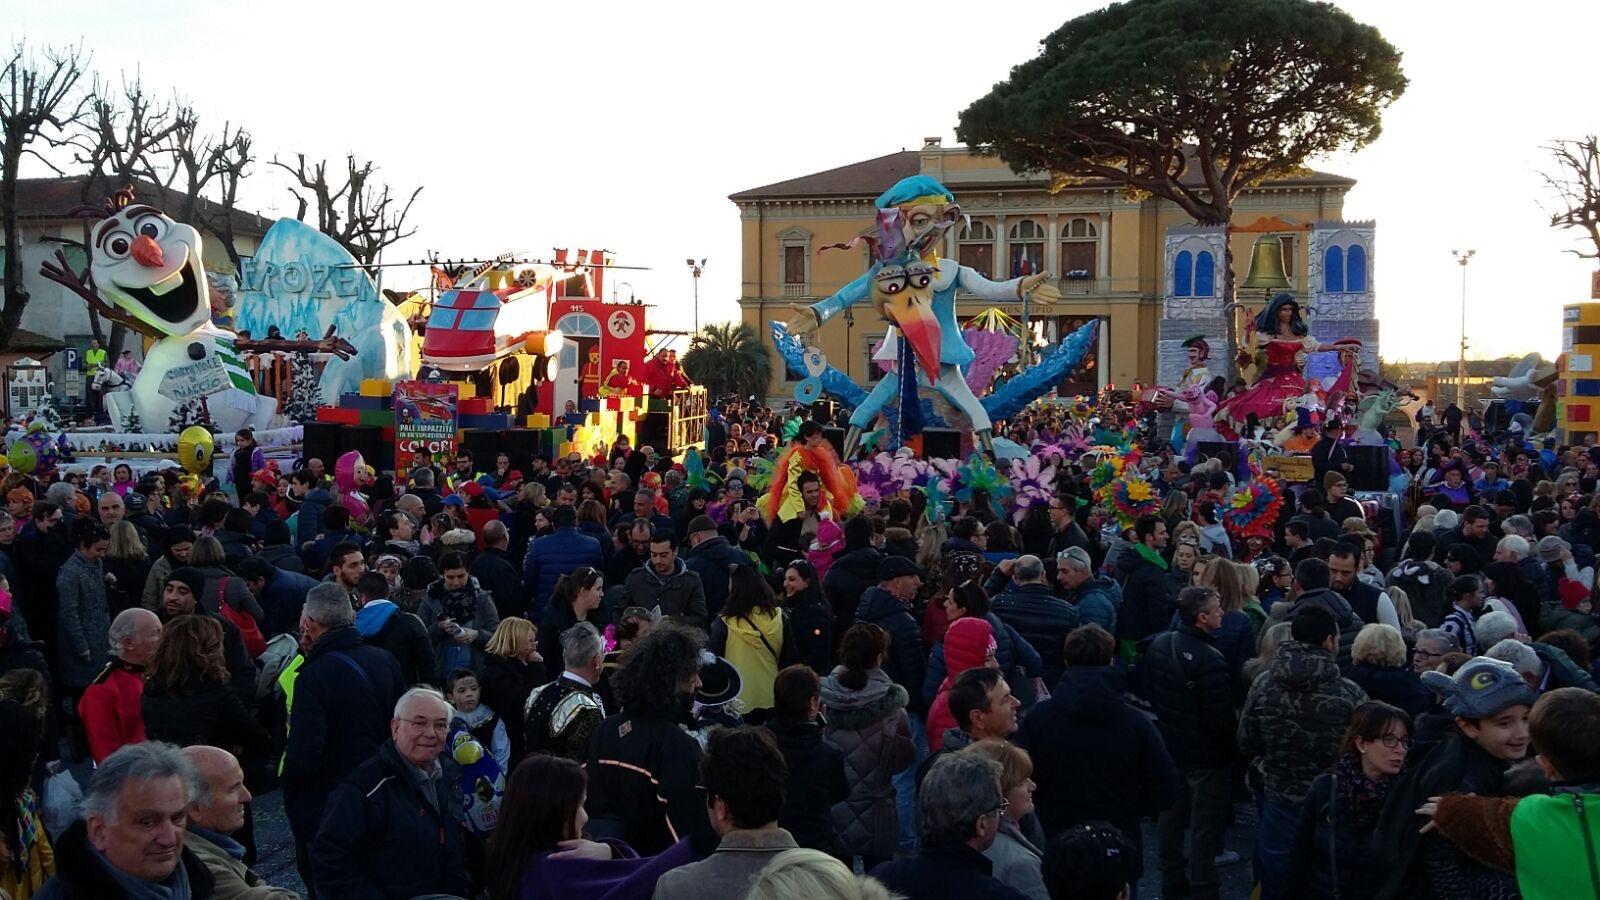 Carnevale Pietrasantino. La Lanterna trionfa nei carri, Strettoia nelle mascherate